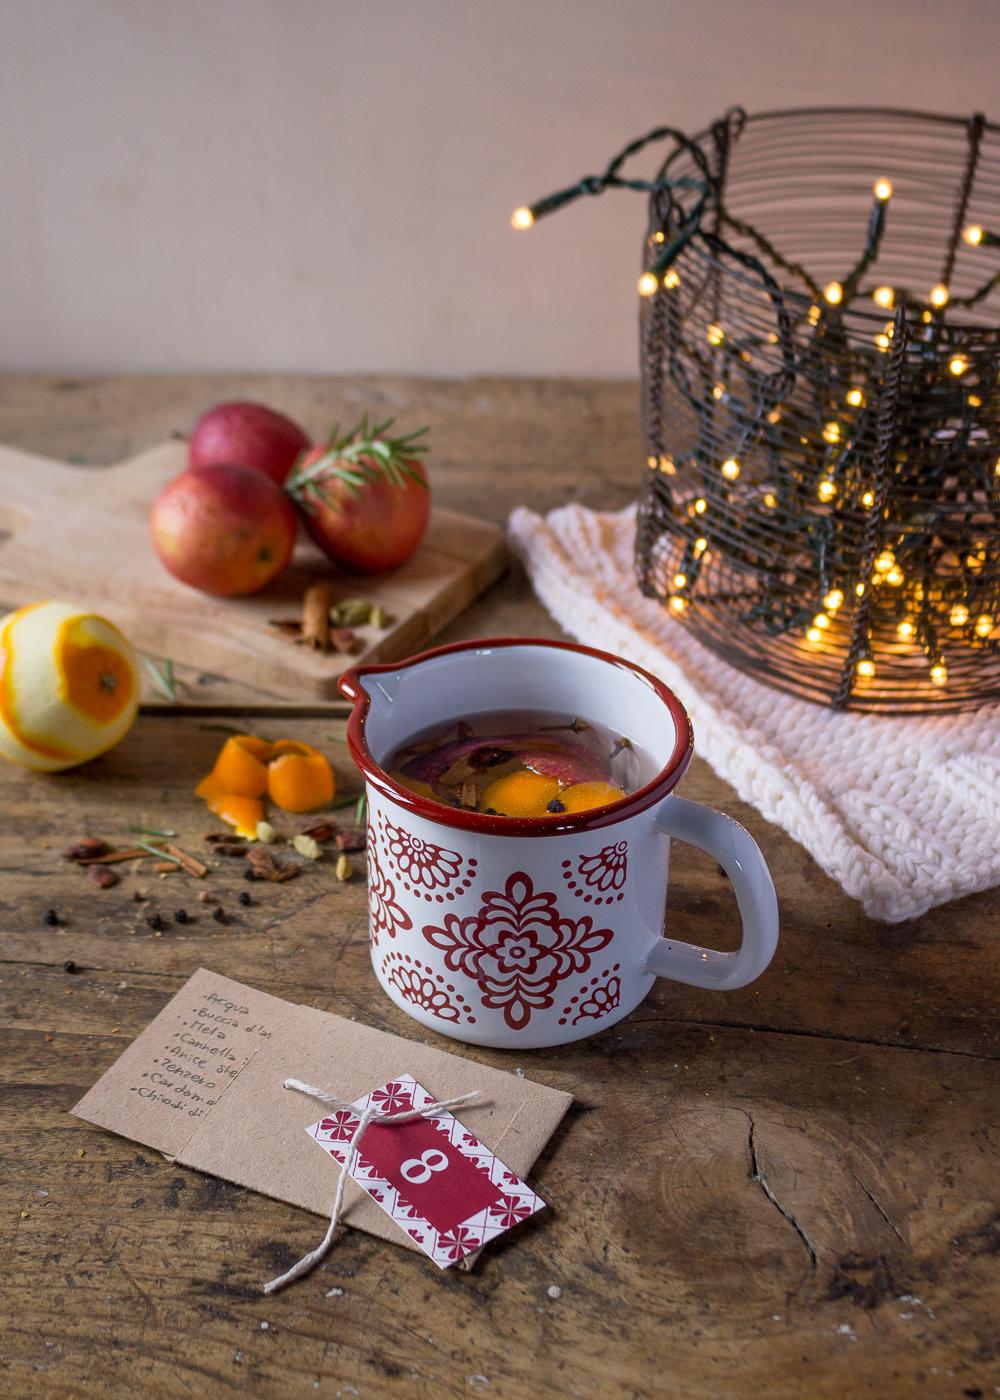 Calendario dell'Avvento - Profumare casa a Natale - Un Natale di tradizioni - Lily&SageDesign